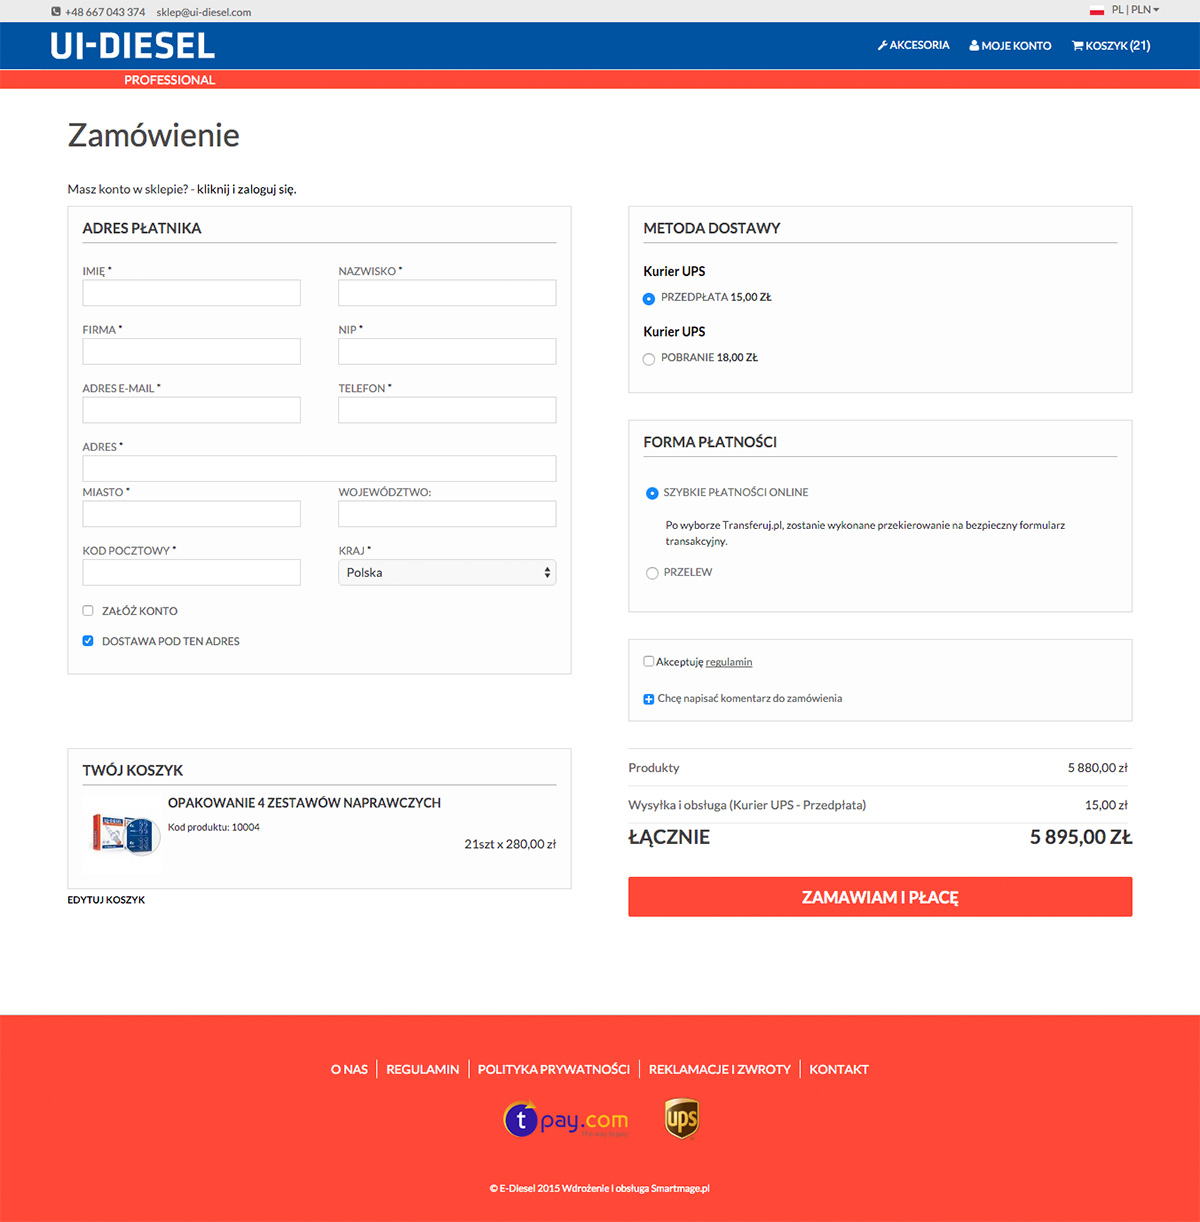 Zamówienie w ui-diesel.com